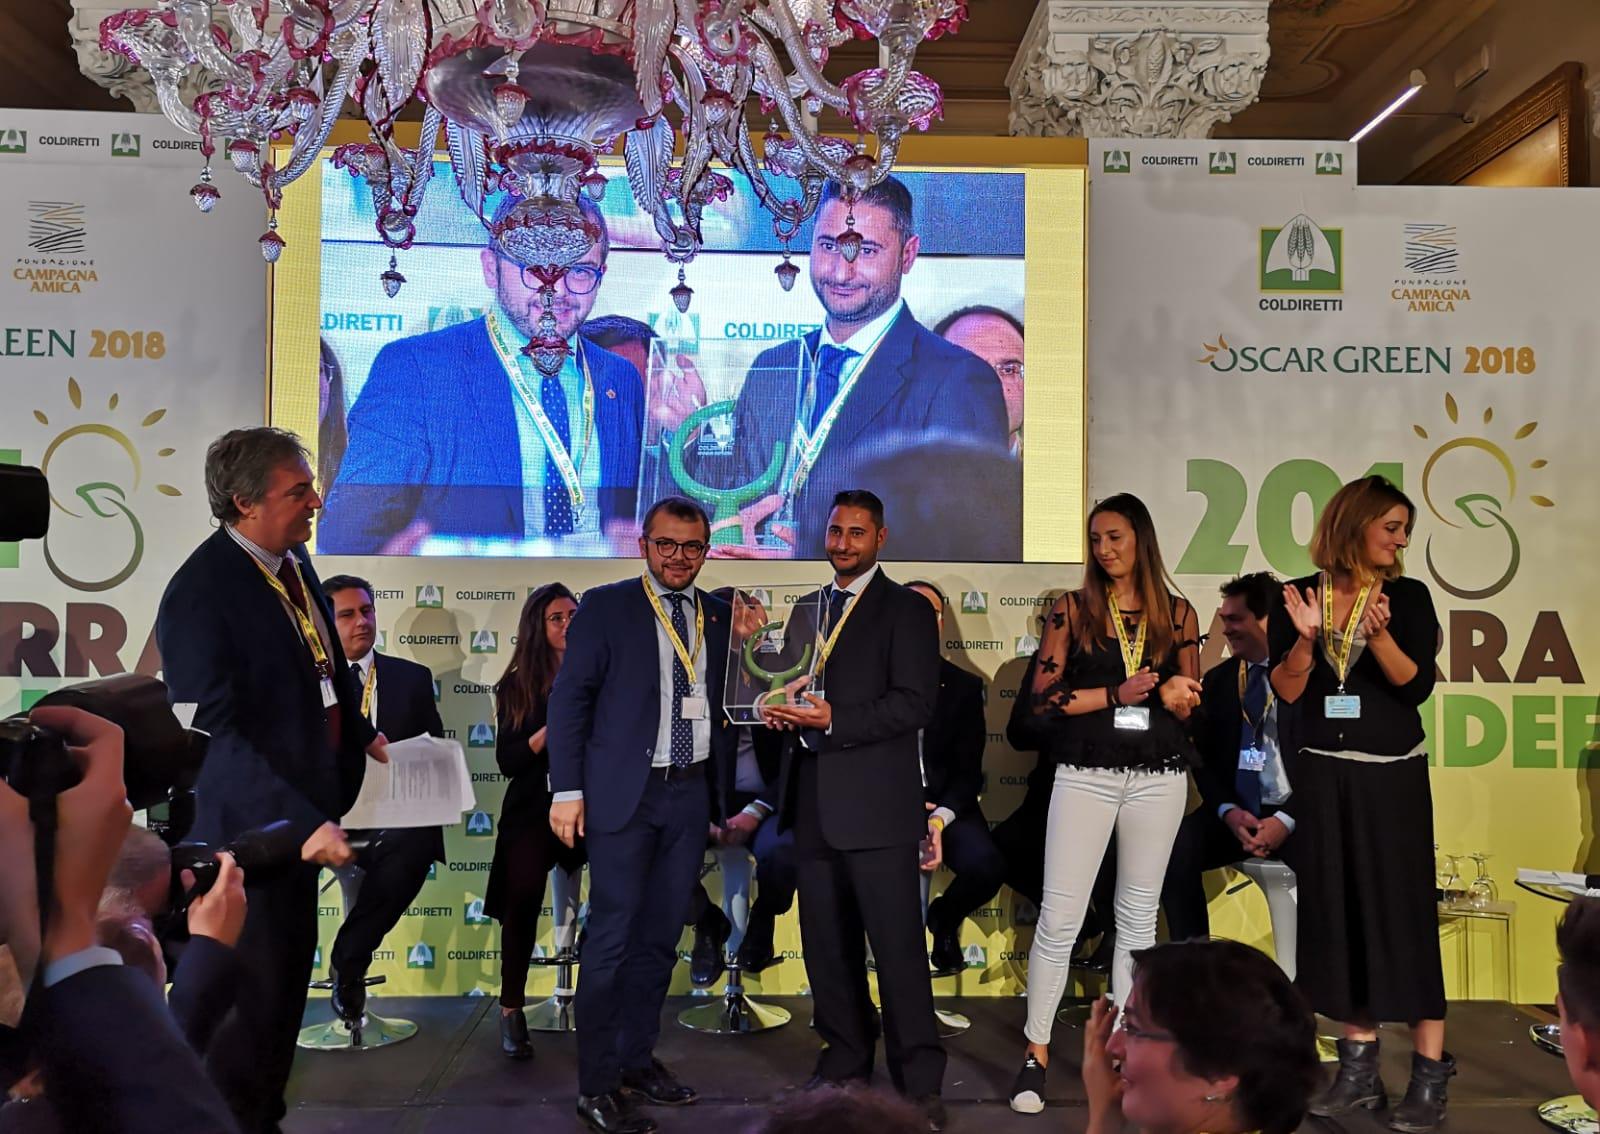 Un nuovo successo per l'agricoltura calabreseA Cernobbio premiata l'Agribibita alle clementine